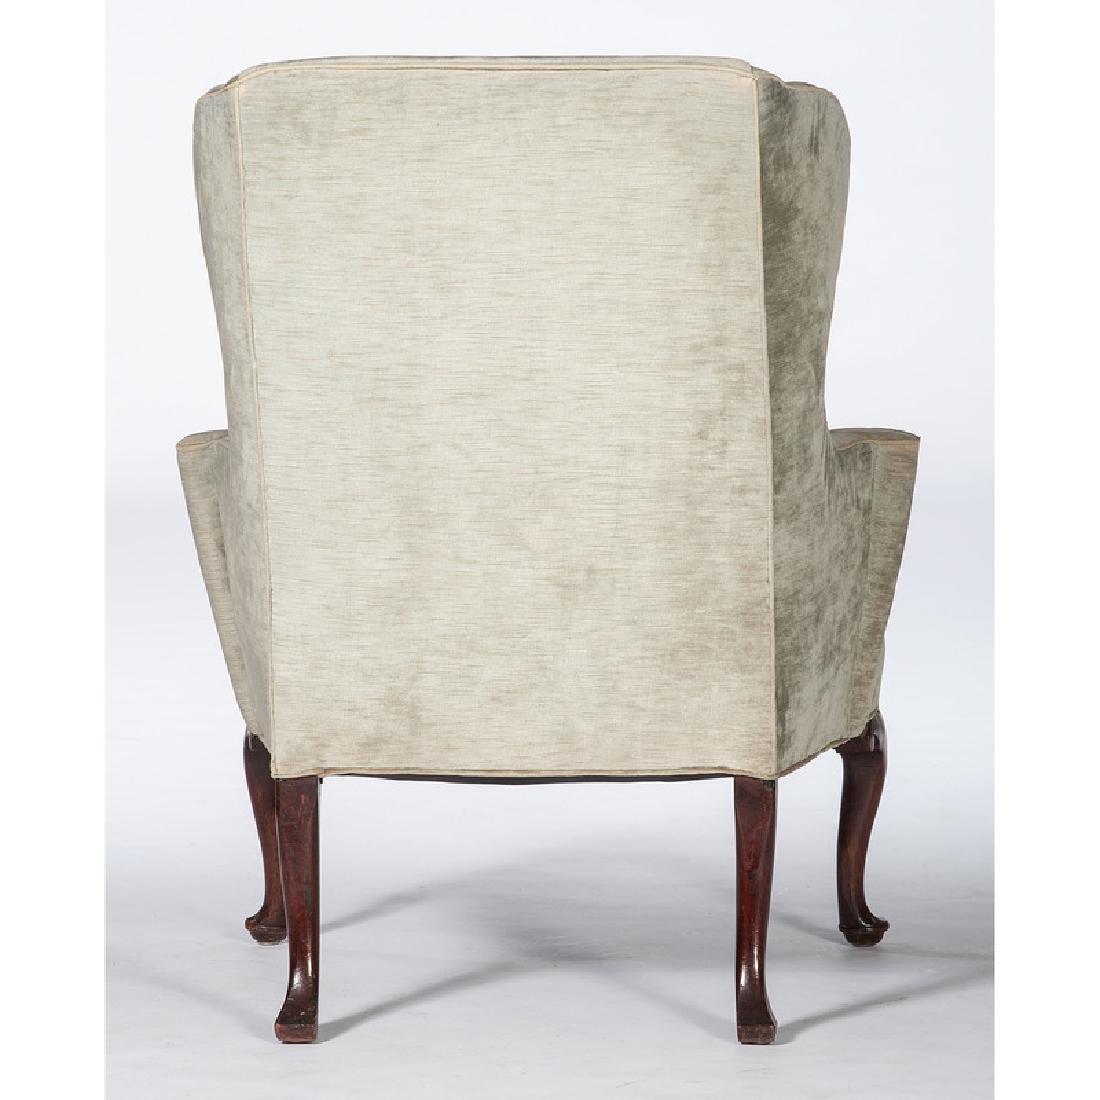 George I Walnut Easy Chair - 3